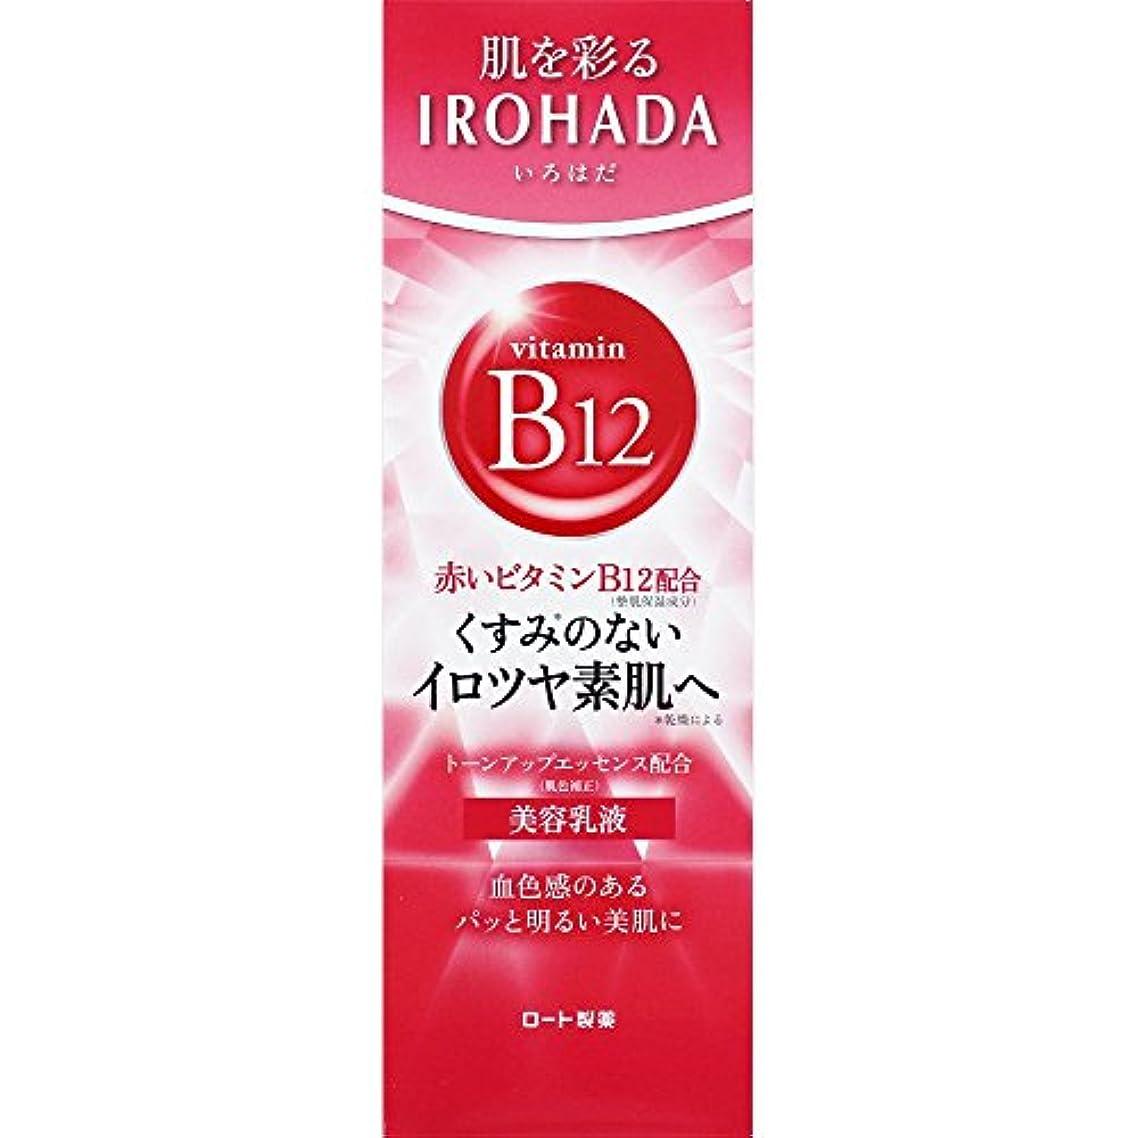 納得させる明らかにブラストロート製薬 いろはだ (IROHADA) 赤いビタミンB12×スクワラン配合 美容乳液 110g